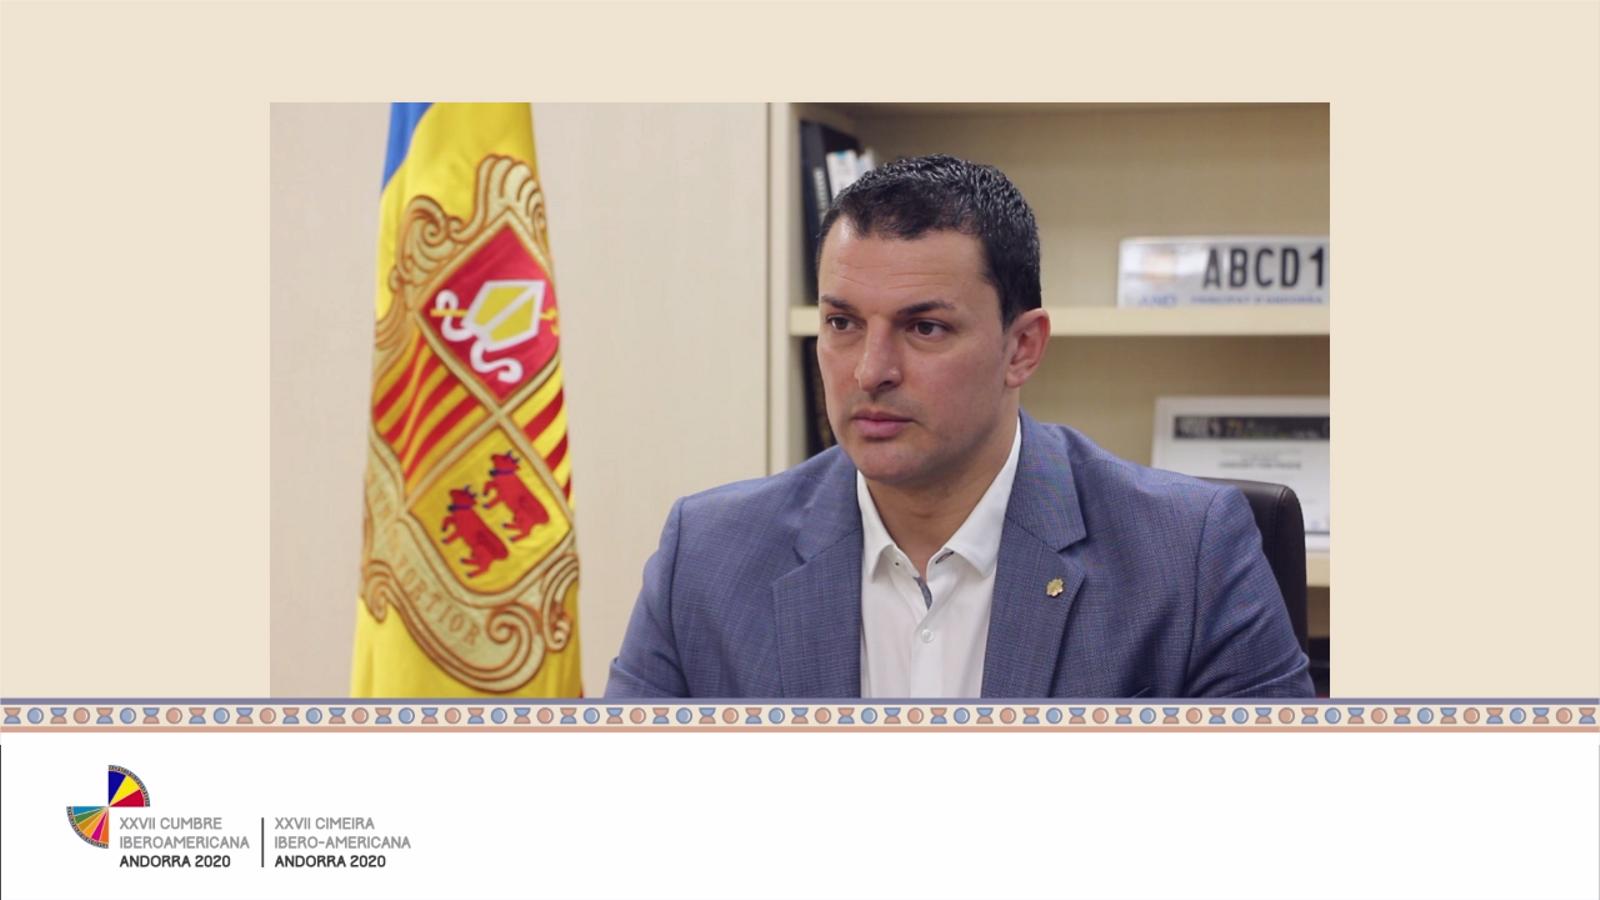 Gallardo valora la IV Reunió de ministres i altes autoritats iberoamericanes de Ciència, Tecnologia i Innovació (CTI)